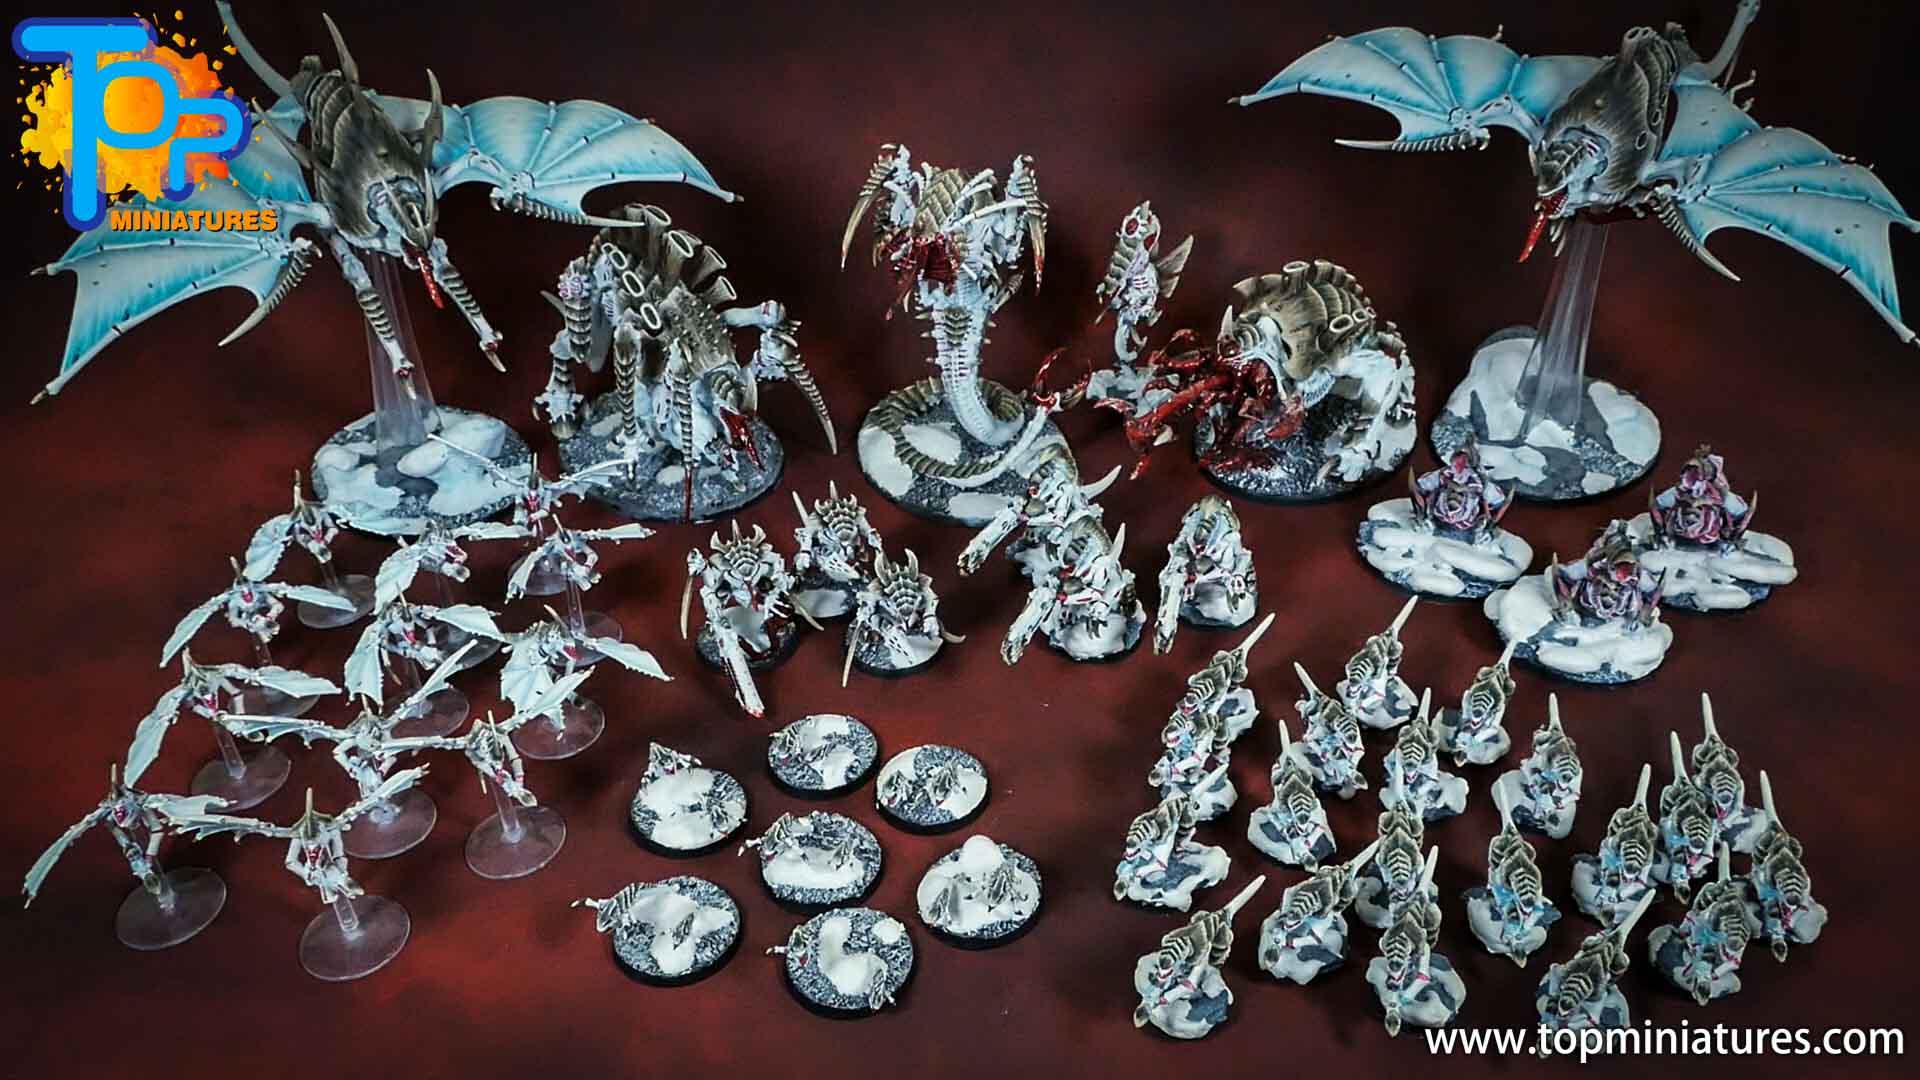 snow white painted tyranids army